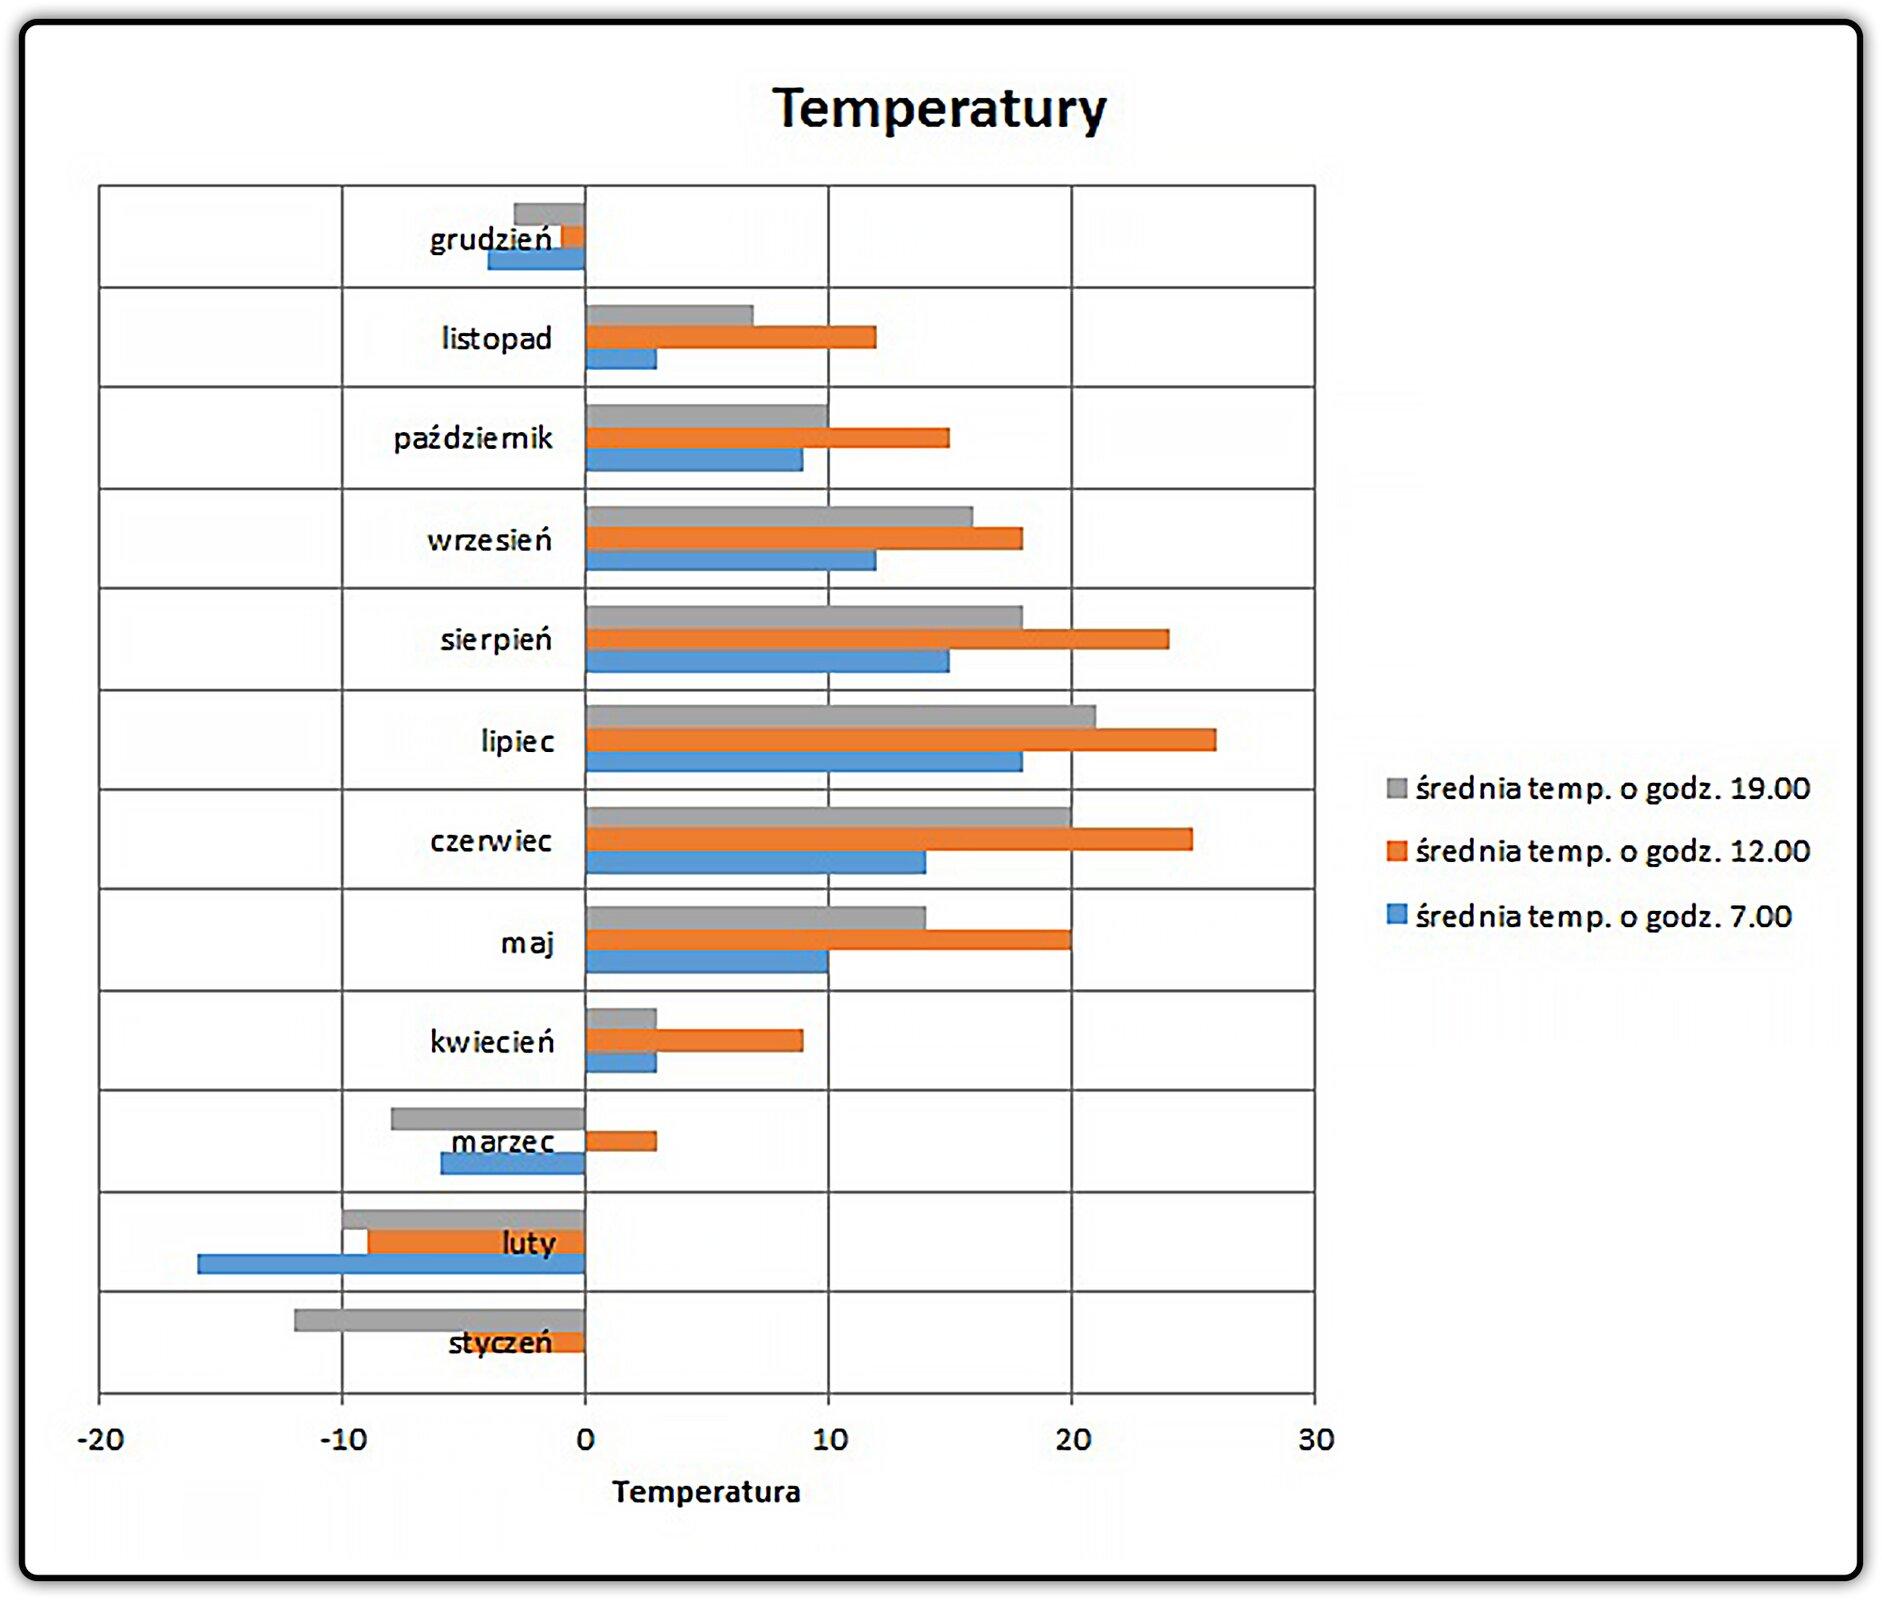 Zrzut przykładowego wykresu zdodanym tytułem